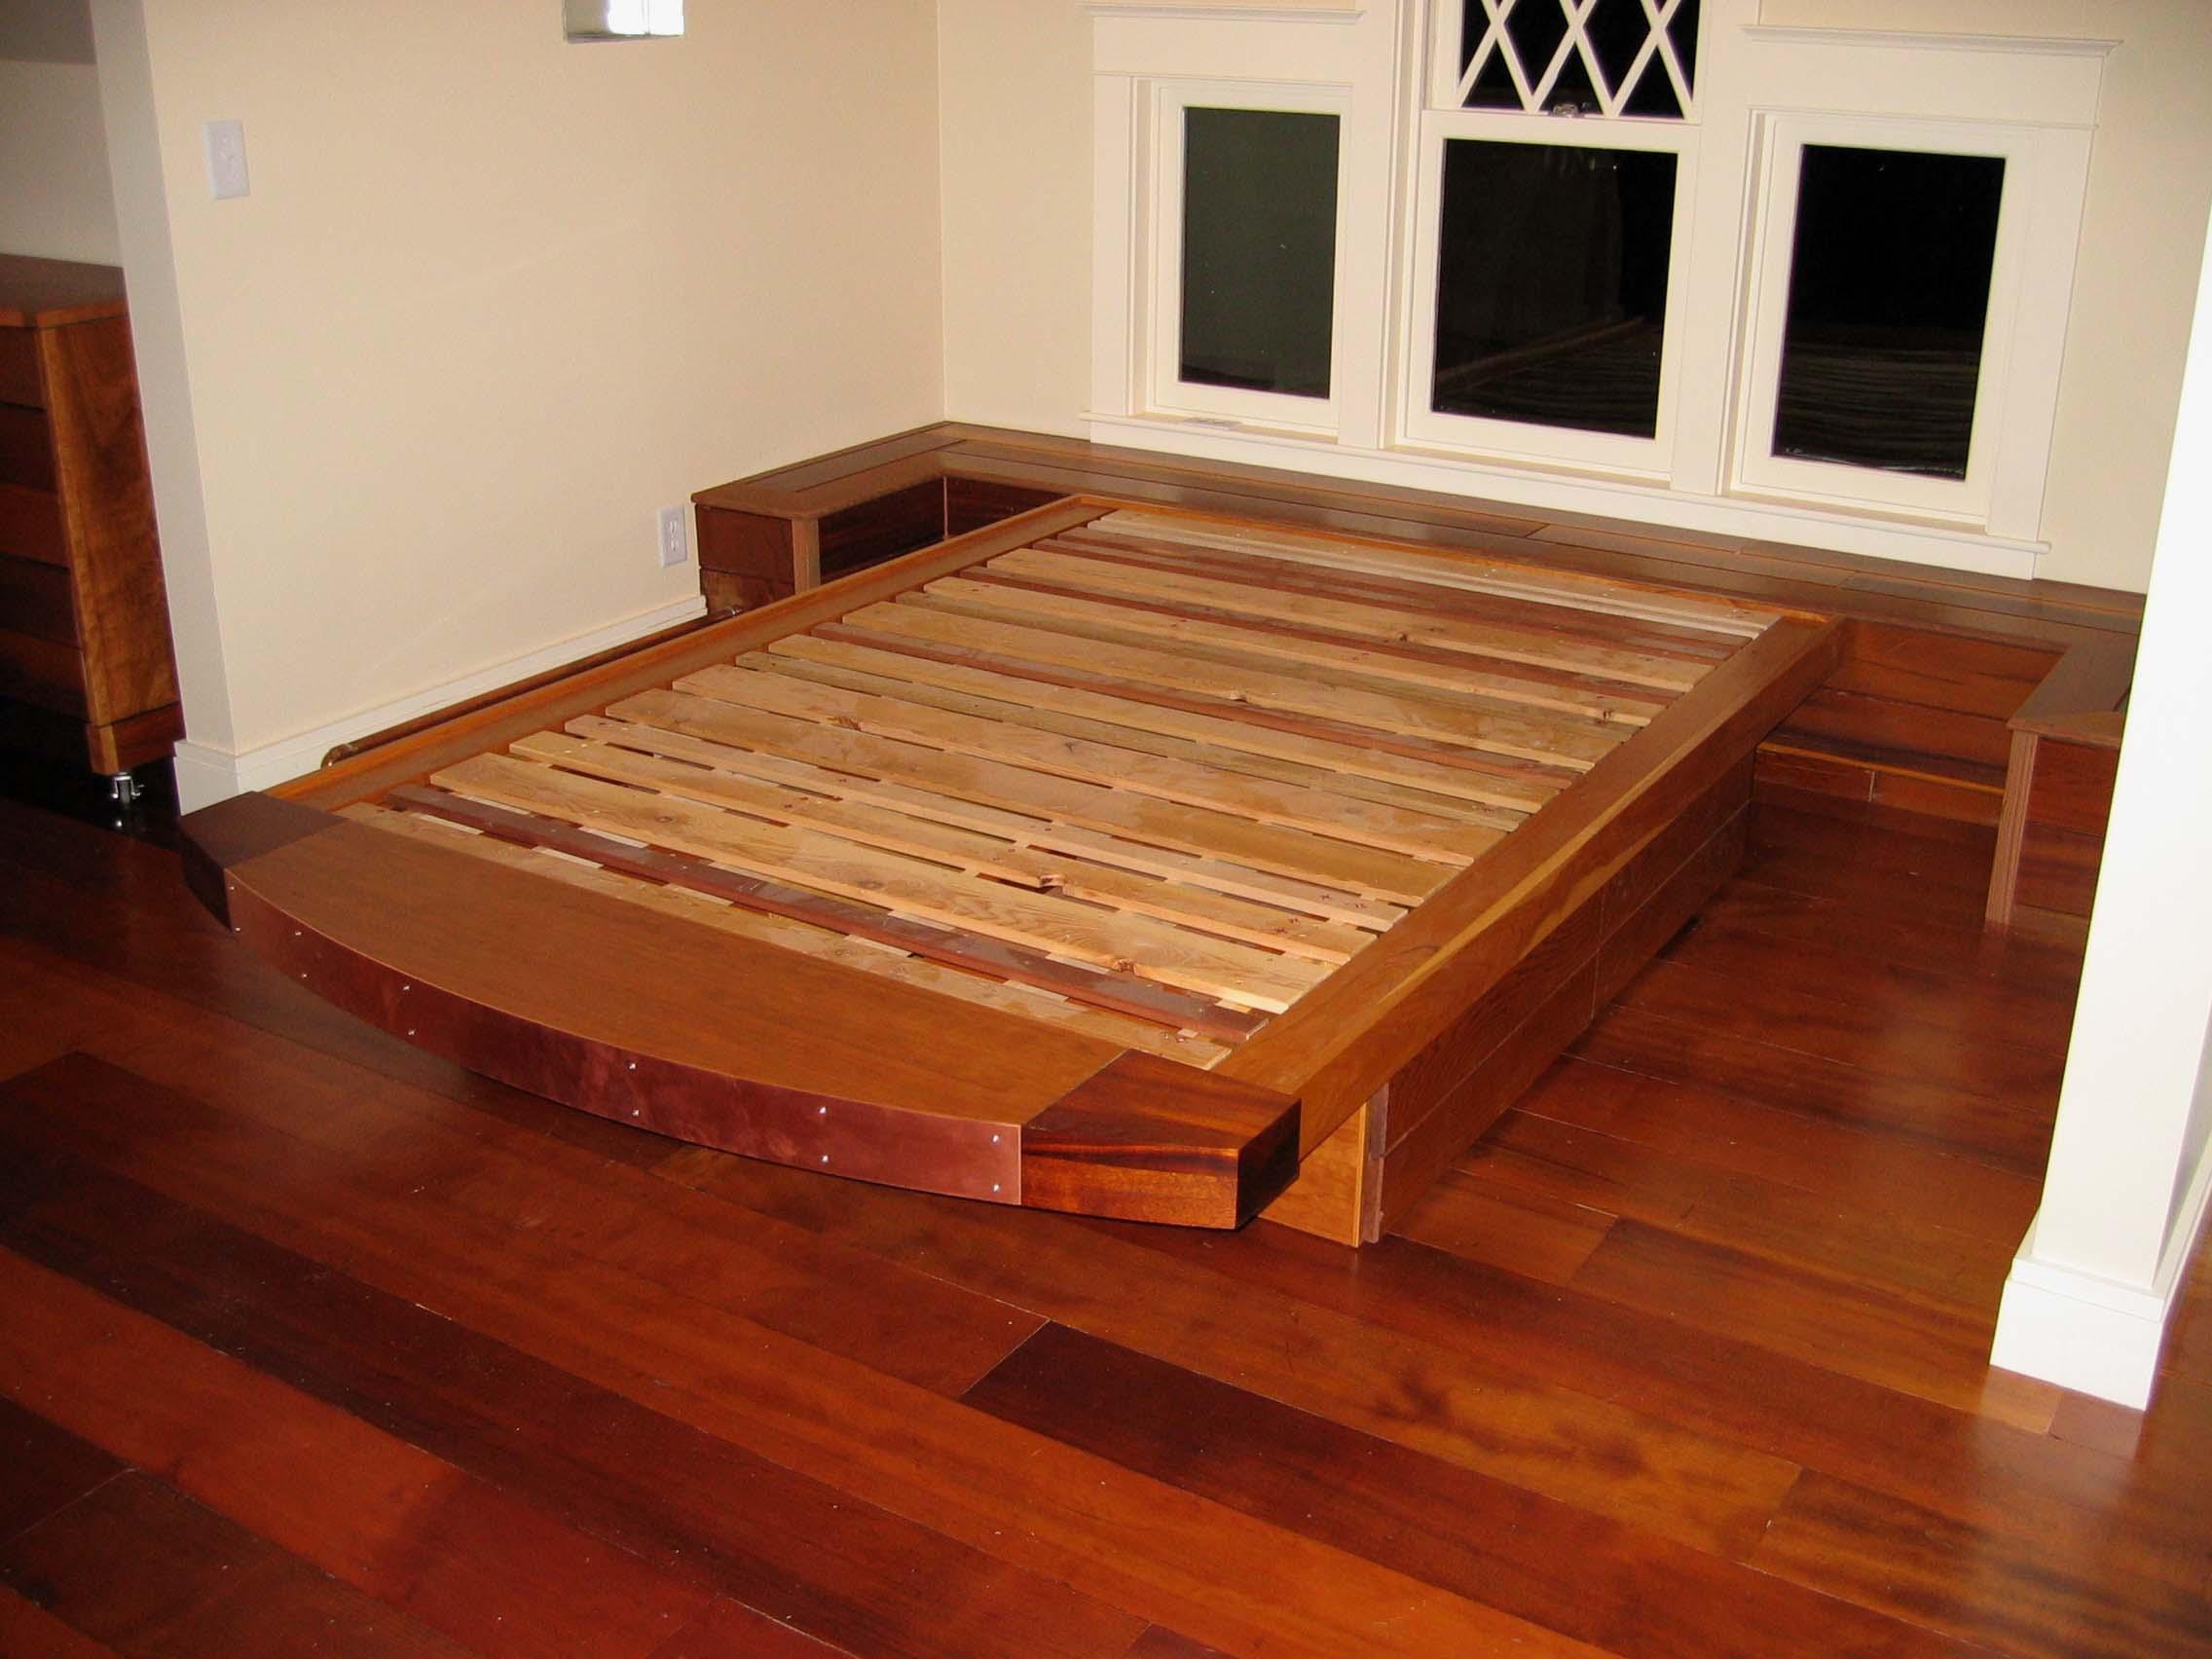 bed platform.jpg